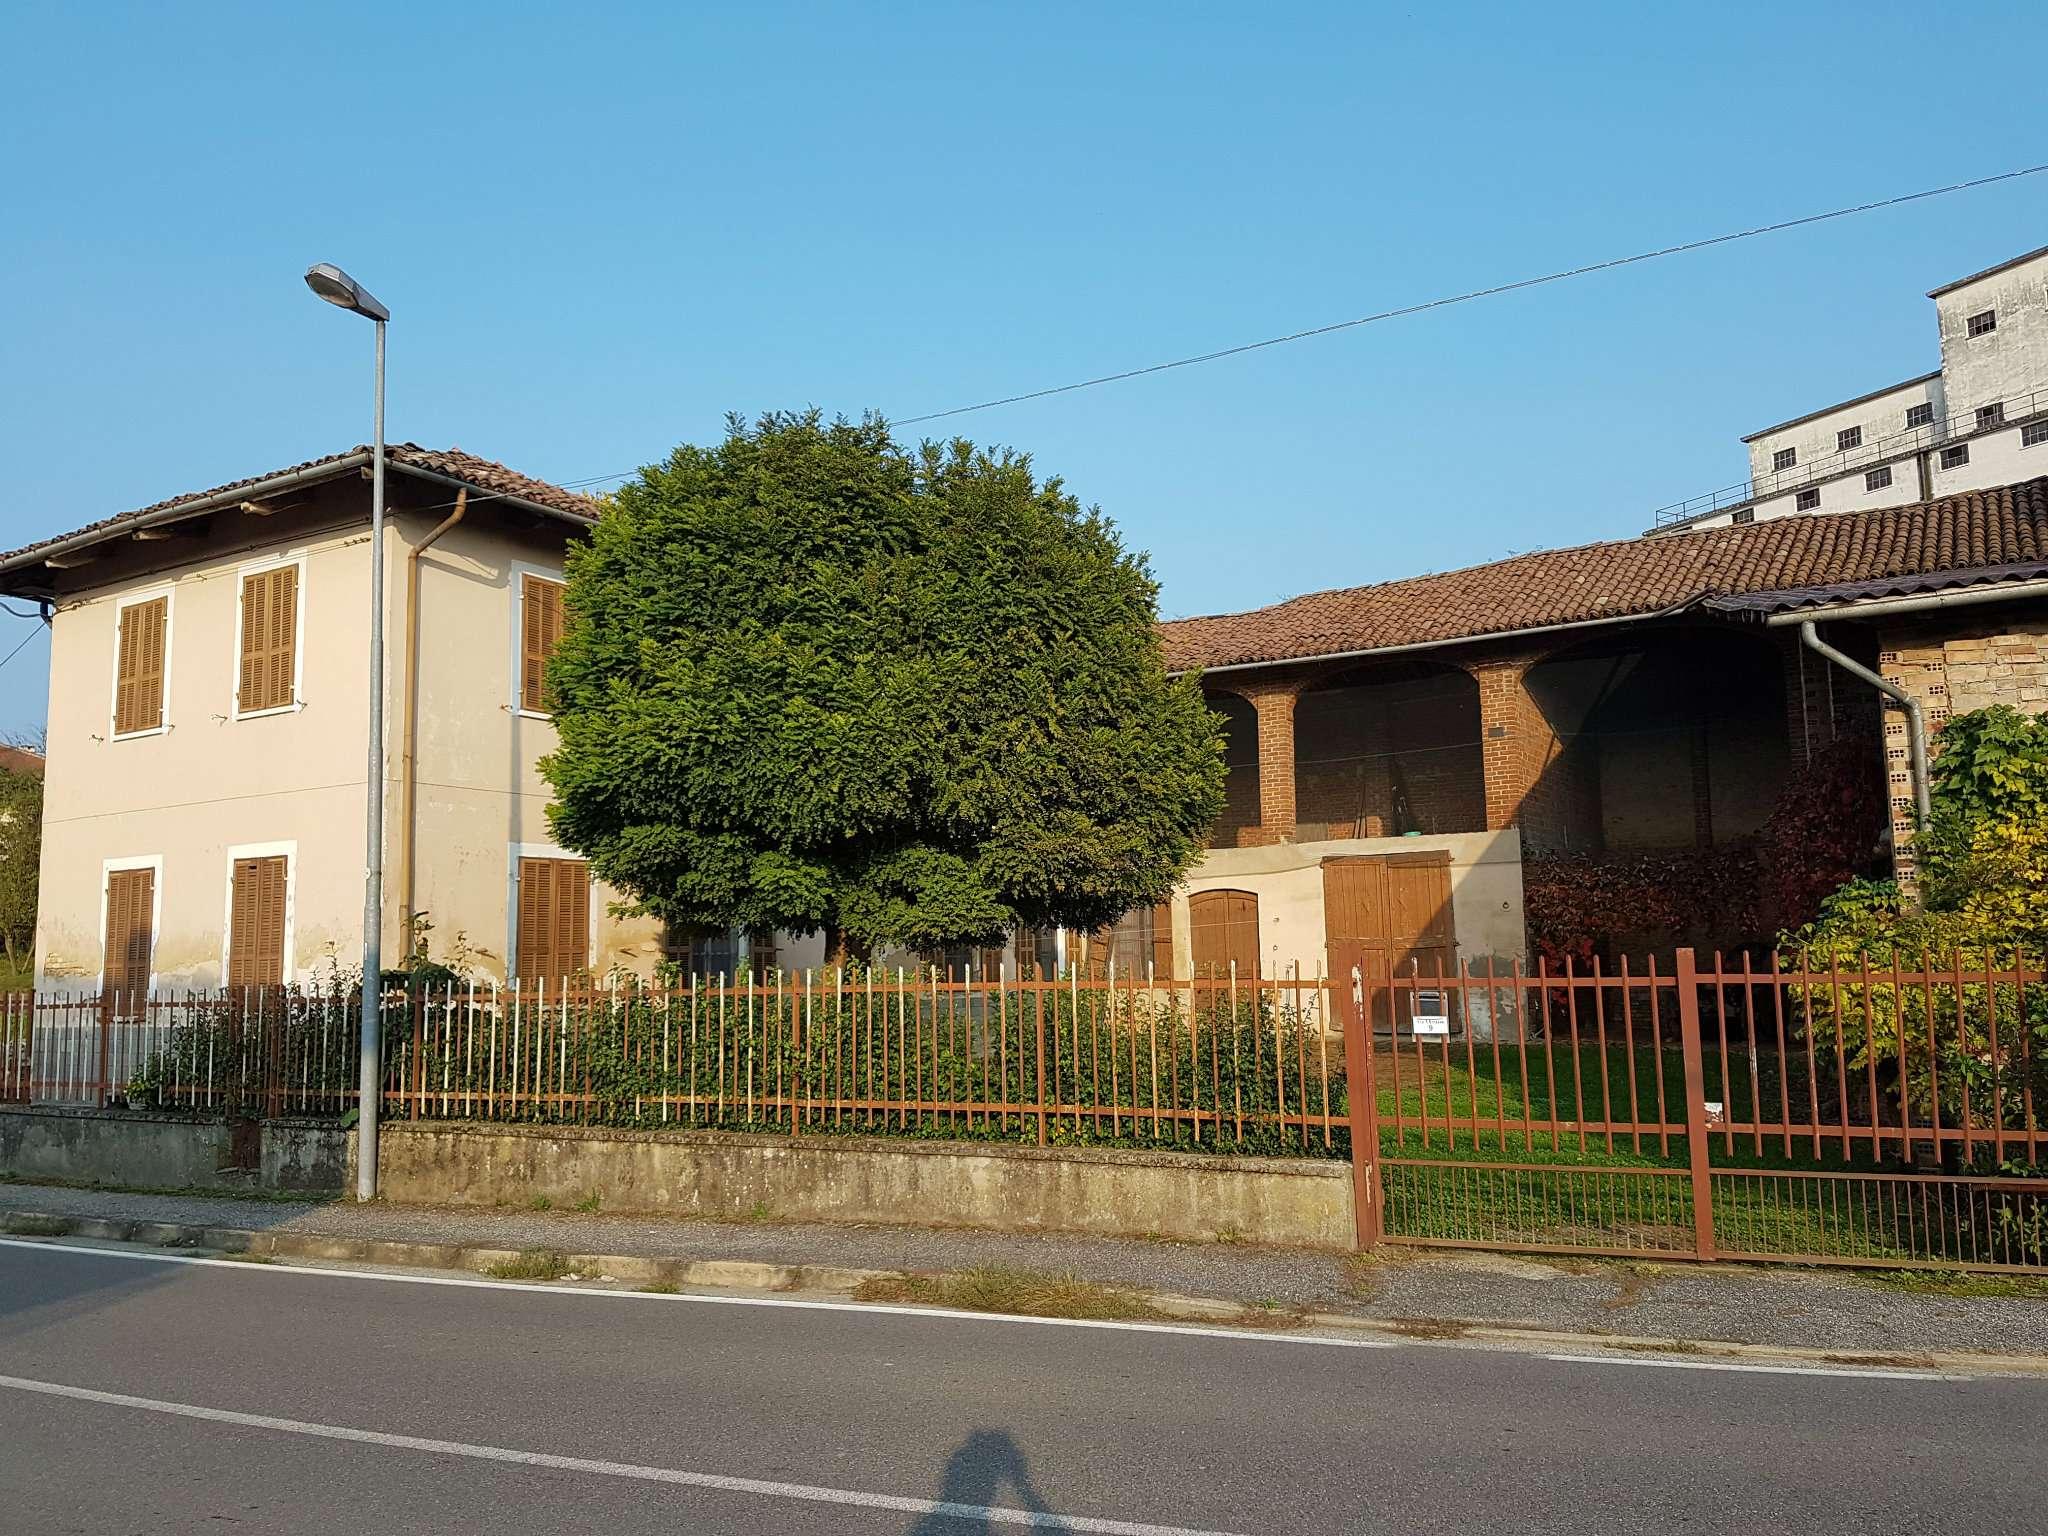 Soluzione Indipendente in vendita a Piovà Massaia, 13 locali, prezzo € 88.000 | PortaleAgenzieImmobiliari.it